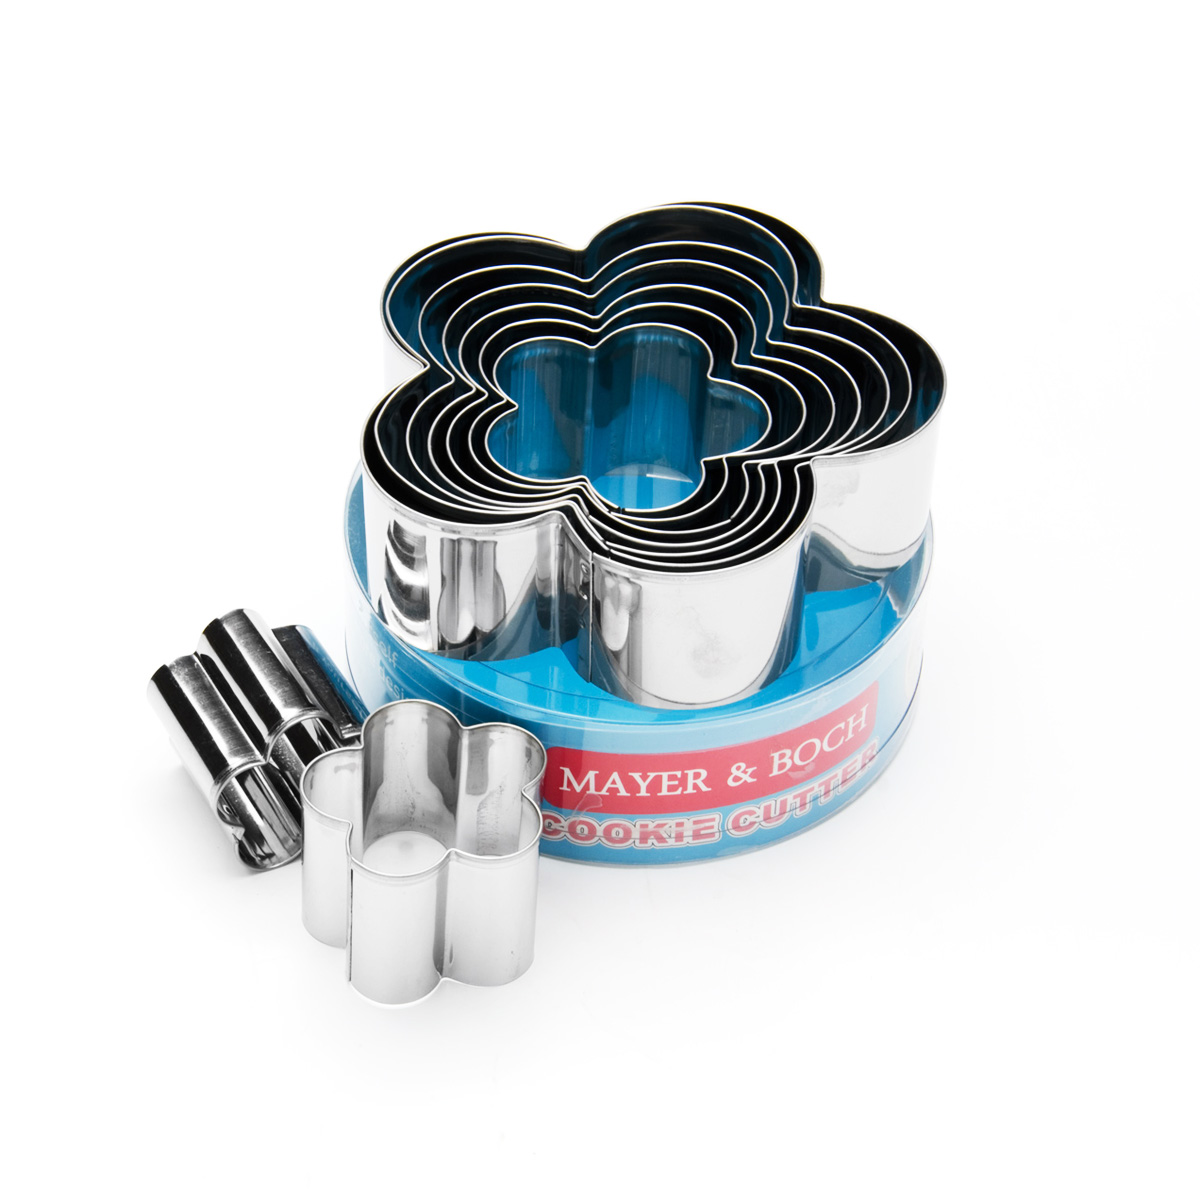 Набор форм для вырезания Mayer & Boch, 9 шт. 24001300180_синийНабор Mayer & Boch состоит из девяти форм для вырезания, выполненных из высококачественной нержавеющей стали. С такими формами для вырезания будет легко сделать забавные украшения и формы для вашего торта или кексов. Просто раскатайте мастику или тесто, и вырезайте! Можно мыть в посудомоечной машине. Диаметр форм: 11,5 см; 10,5 см; 9,5 см; 8,5 см; 7,5 см; 6,5 см; 5,5 см; 4,5 см; 3,5 см.Высота форм: 3,7 см.